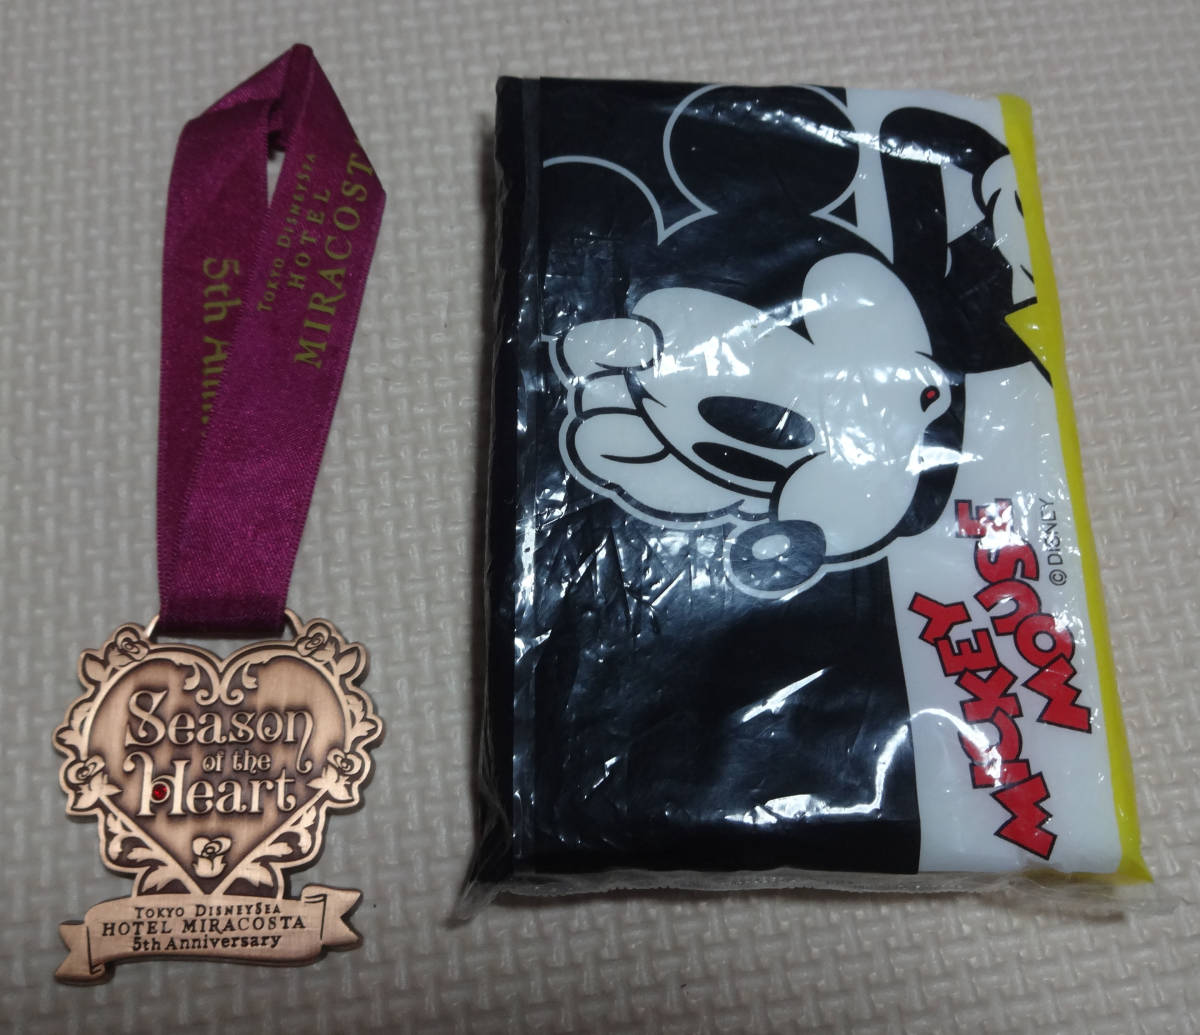 非売品 ディズニー シー ホテル ミラコスタ Season of the Heart ワインメダル 5周年 ハート レア_画像5